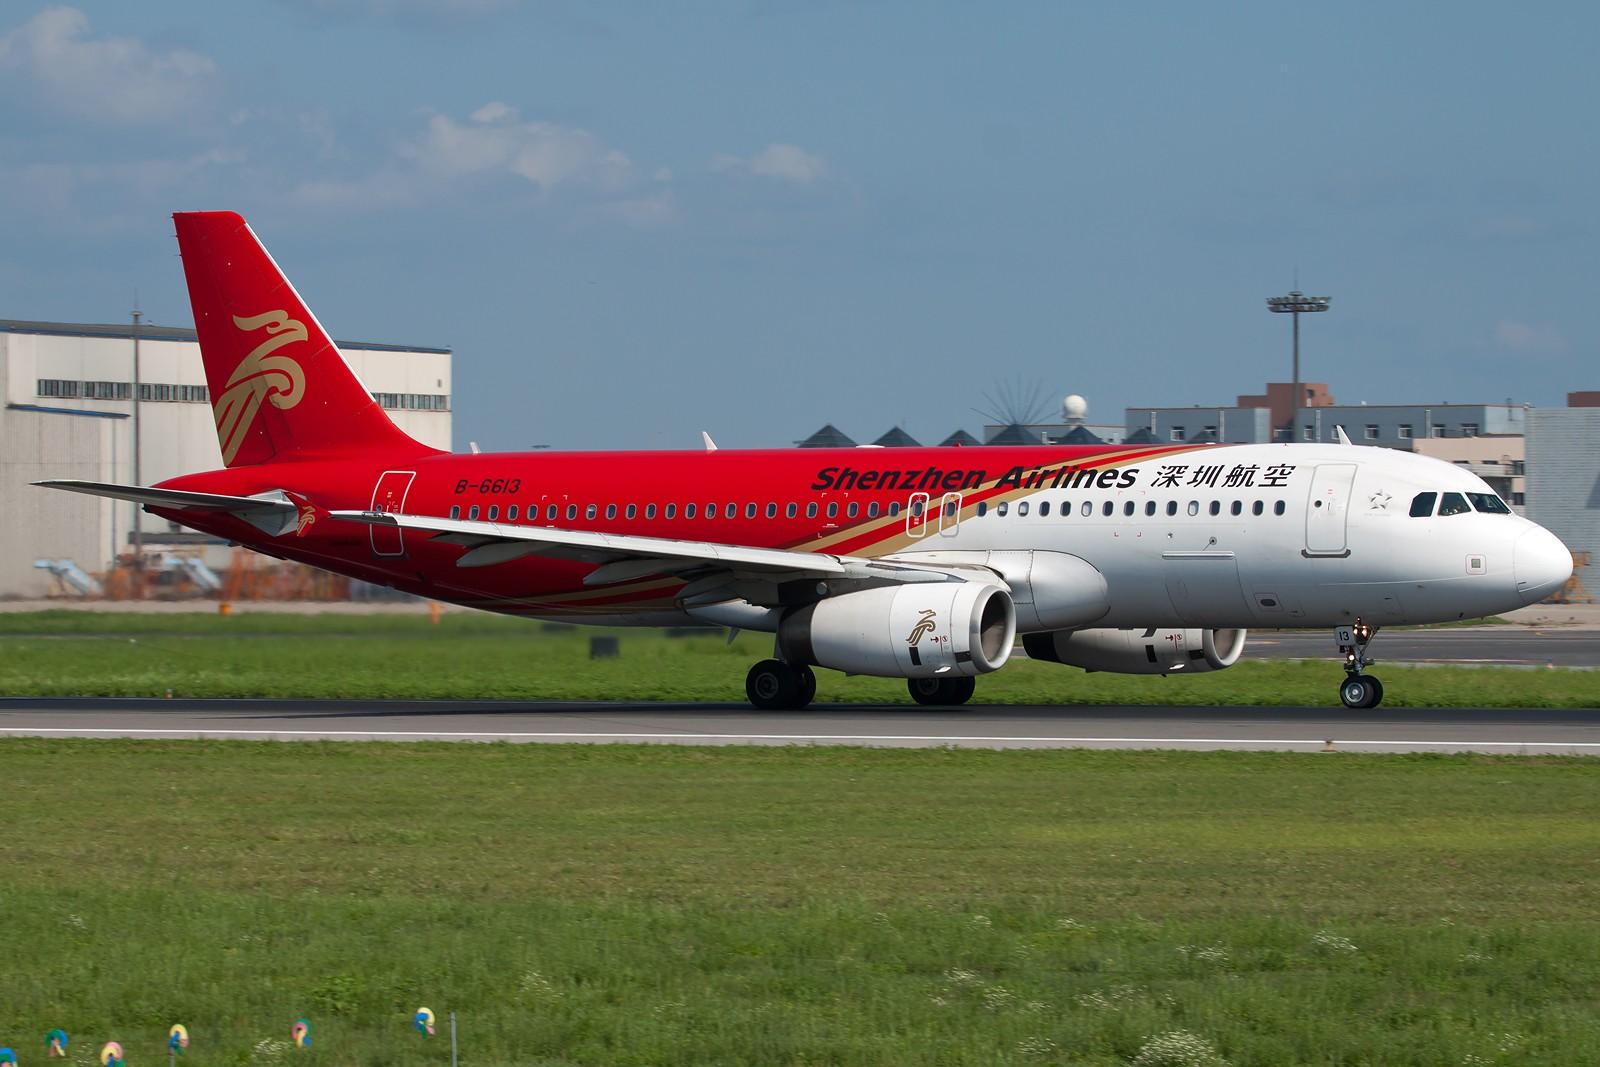 Re:[原创]沈阳桃仙国际机场 24号跑道 深圳航空一组 AIRBUS A320-200 B-6613 中国沈阳桃仙机场